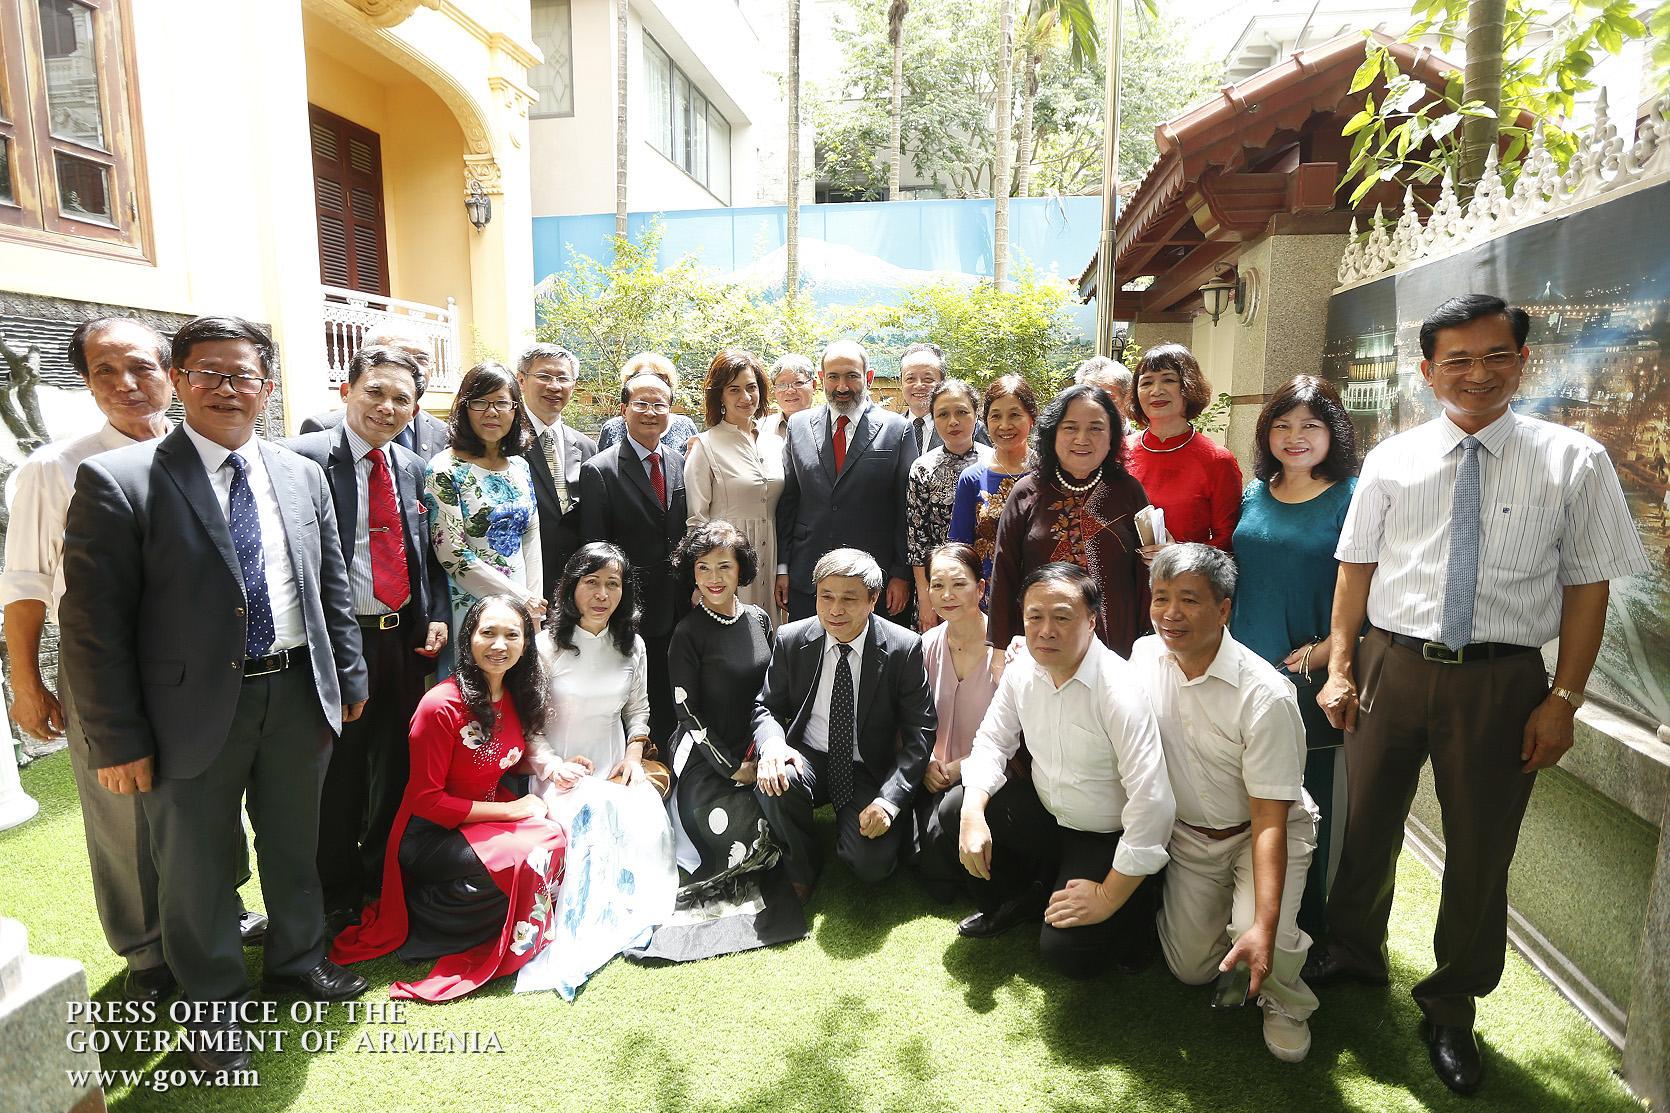 Նիկոլ Փաշինյանը ԵՊՀ վիետնամցի շրջանավարտներին հրավիրել է Երևան